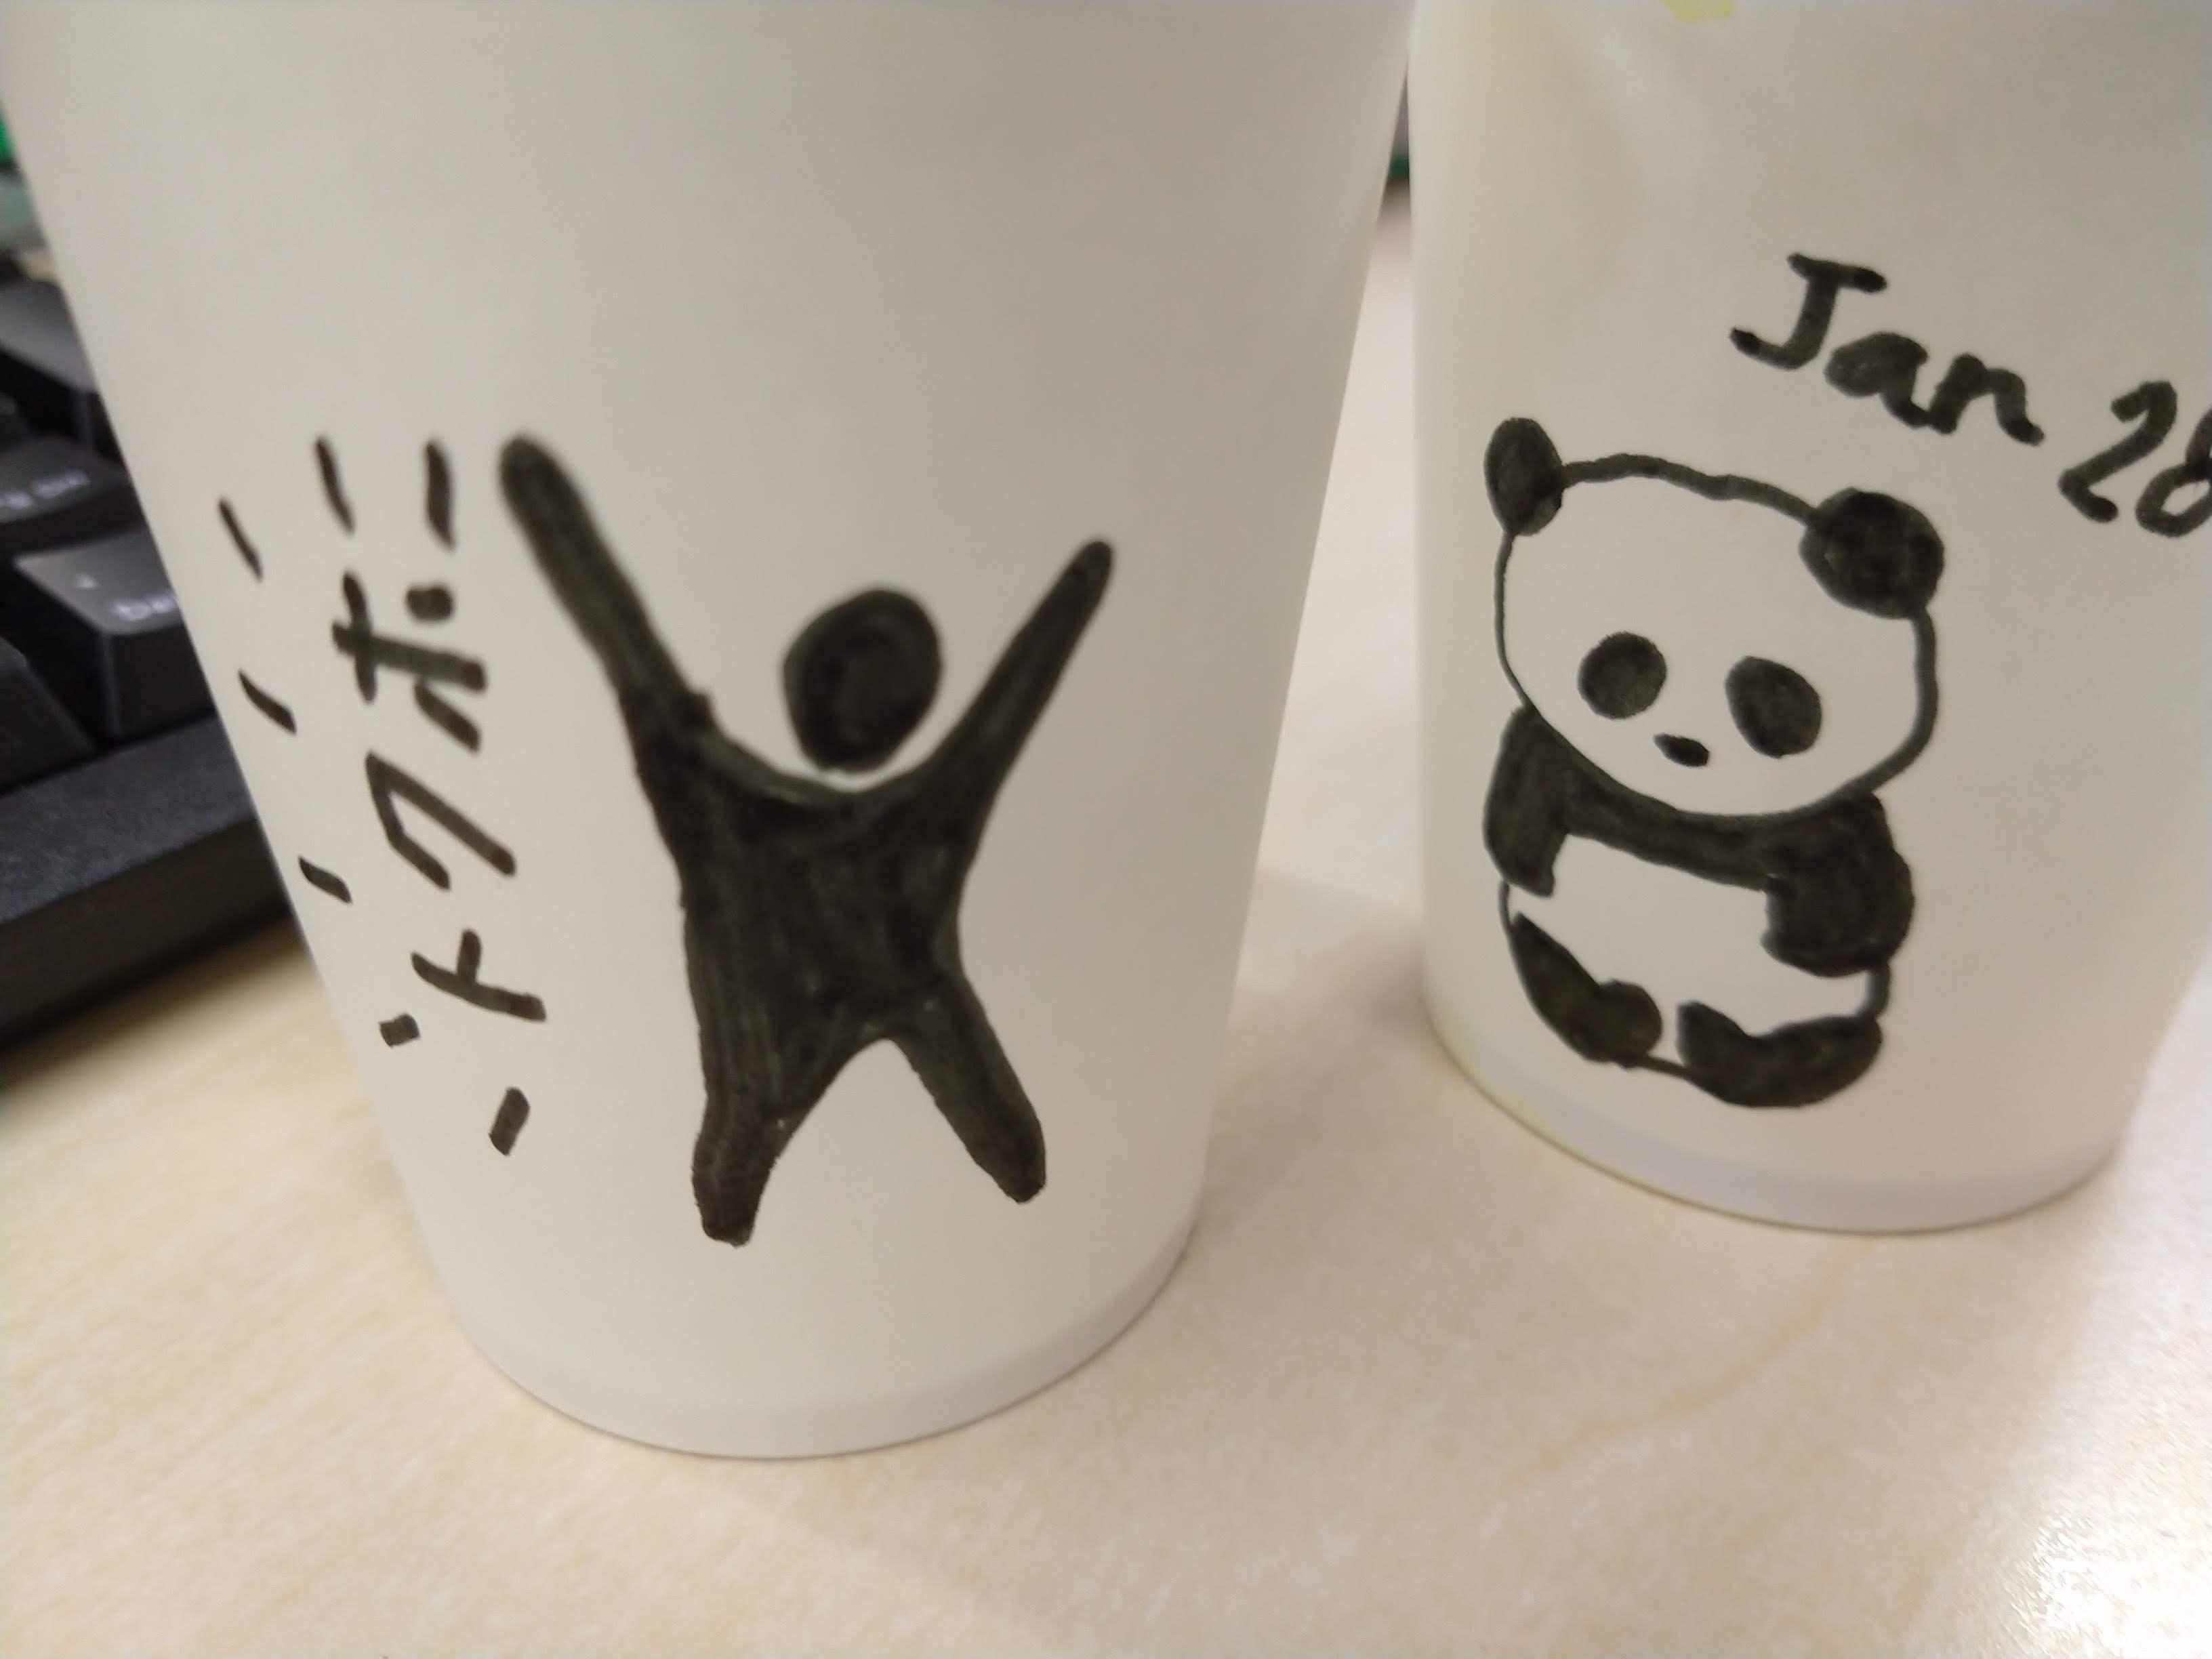 Starbucks(R) リユーザブルカップ _a0057402_05244829.jpg